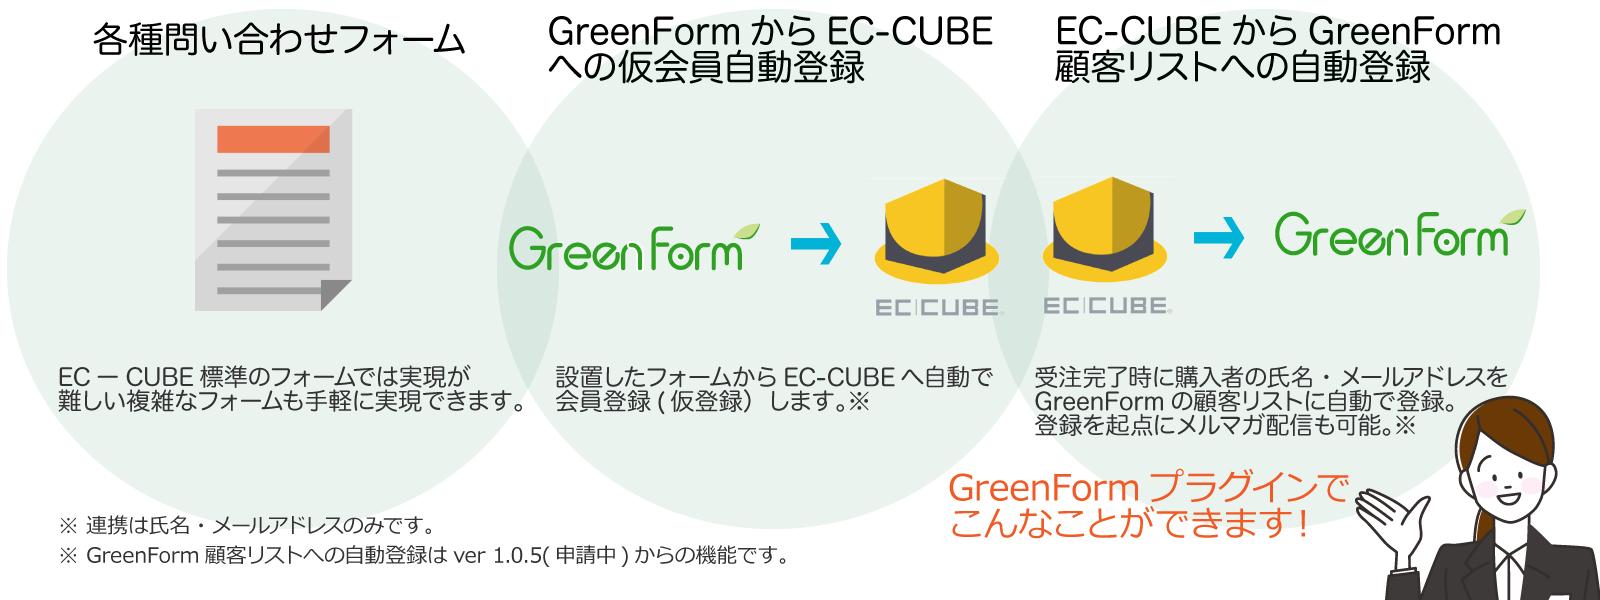 GreenForm[フリーンフォーム]プラグインでこんなことができます|メルマガ配信×本格メールフォームGreenForm[グリーンフォーム]